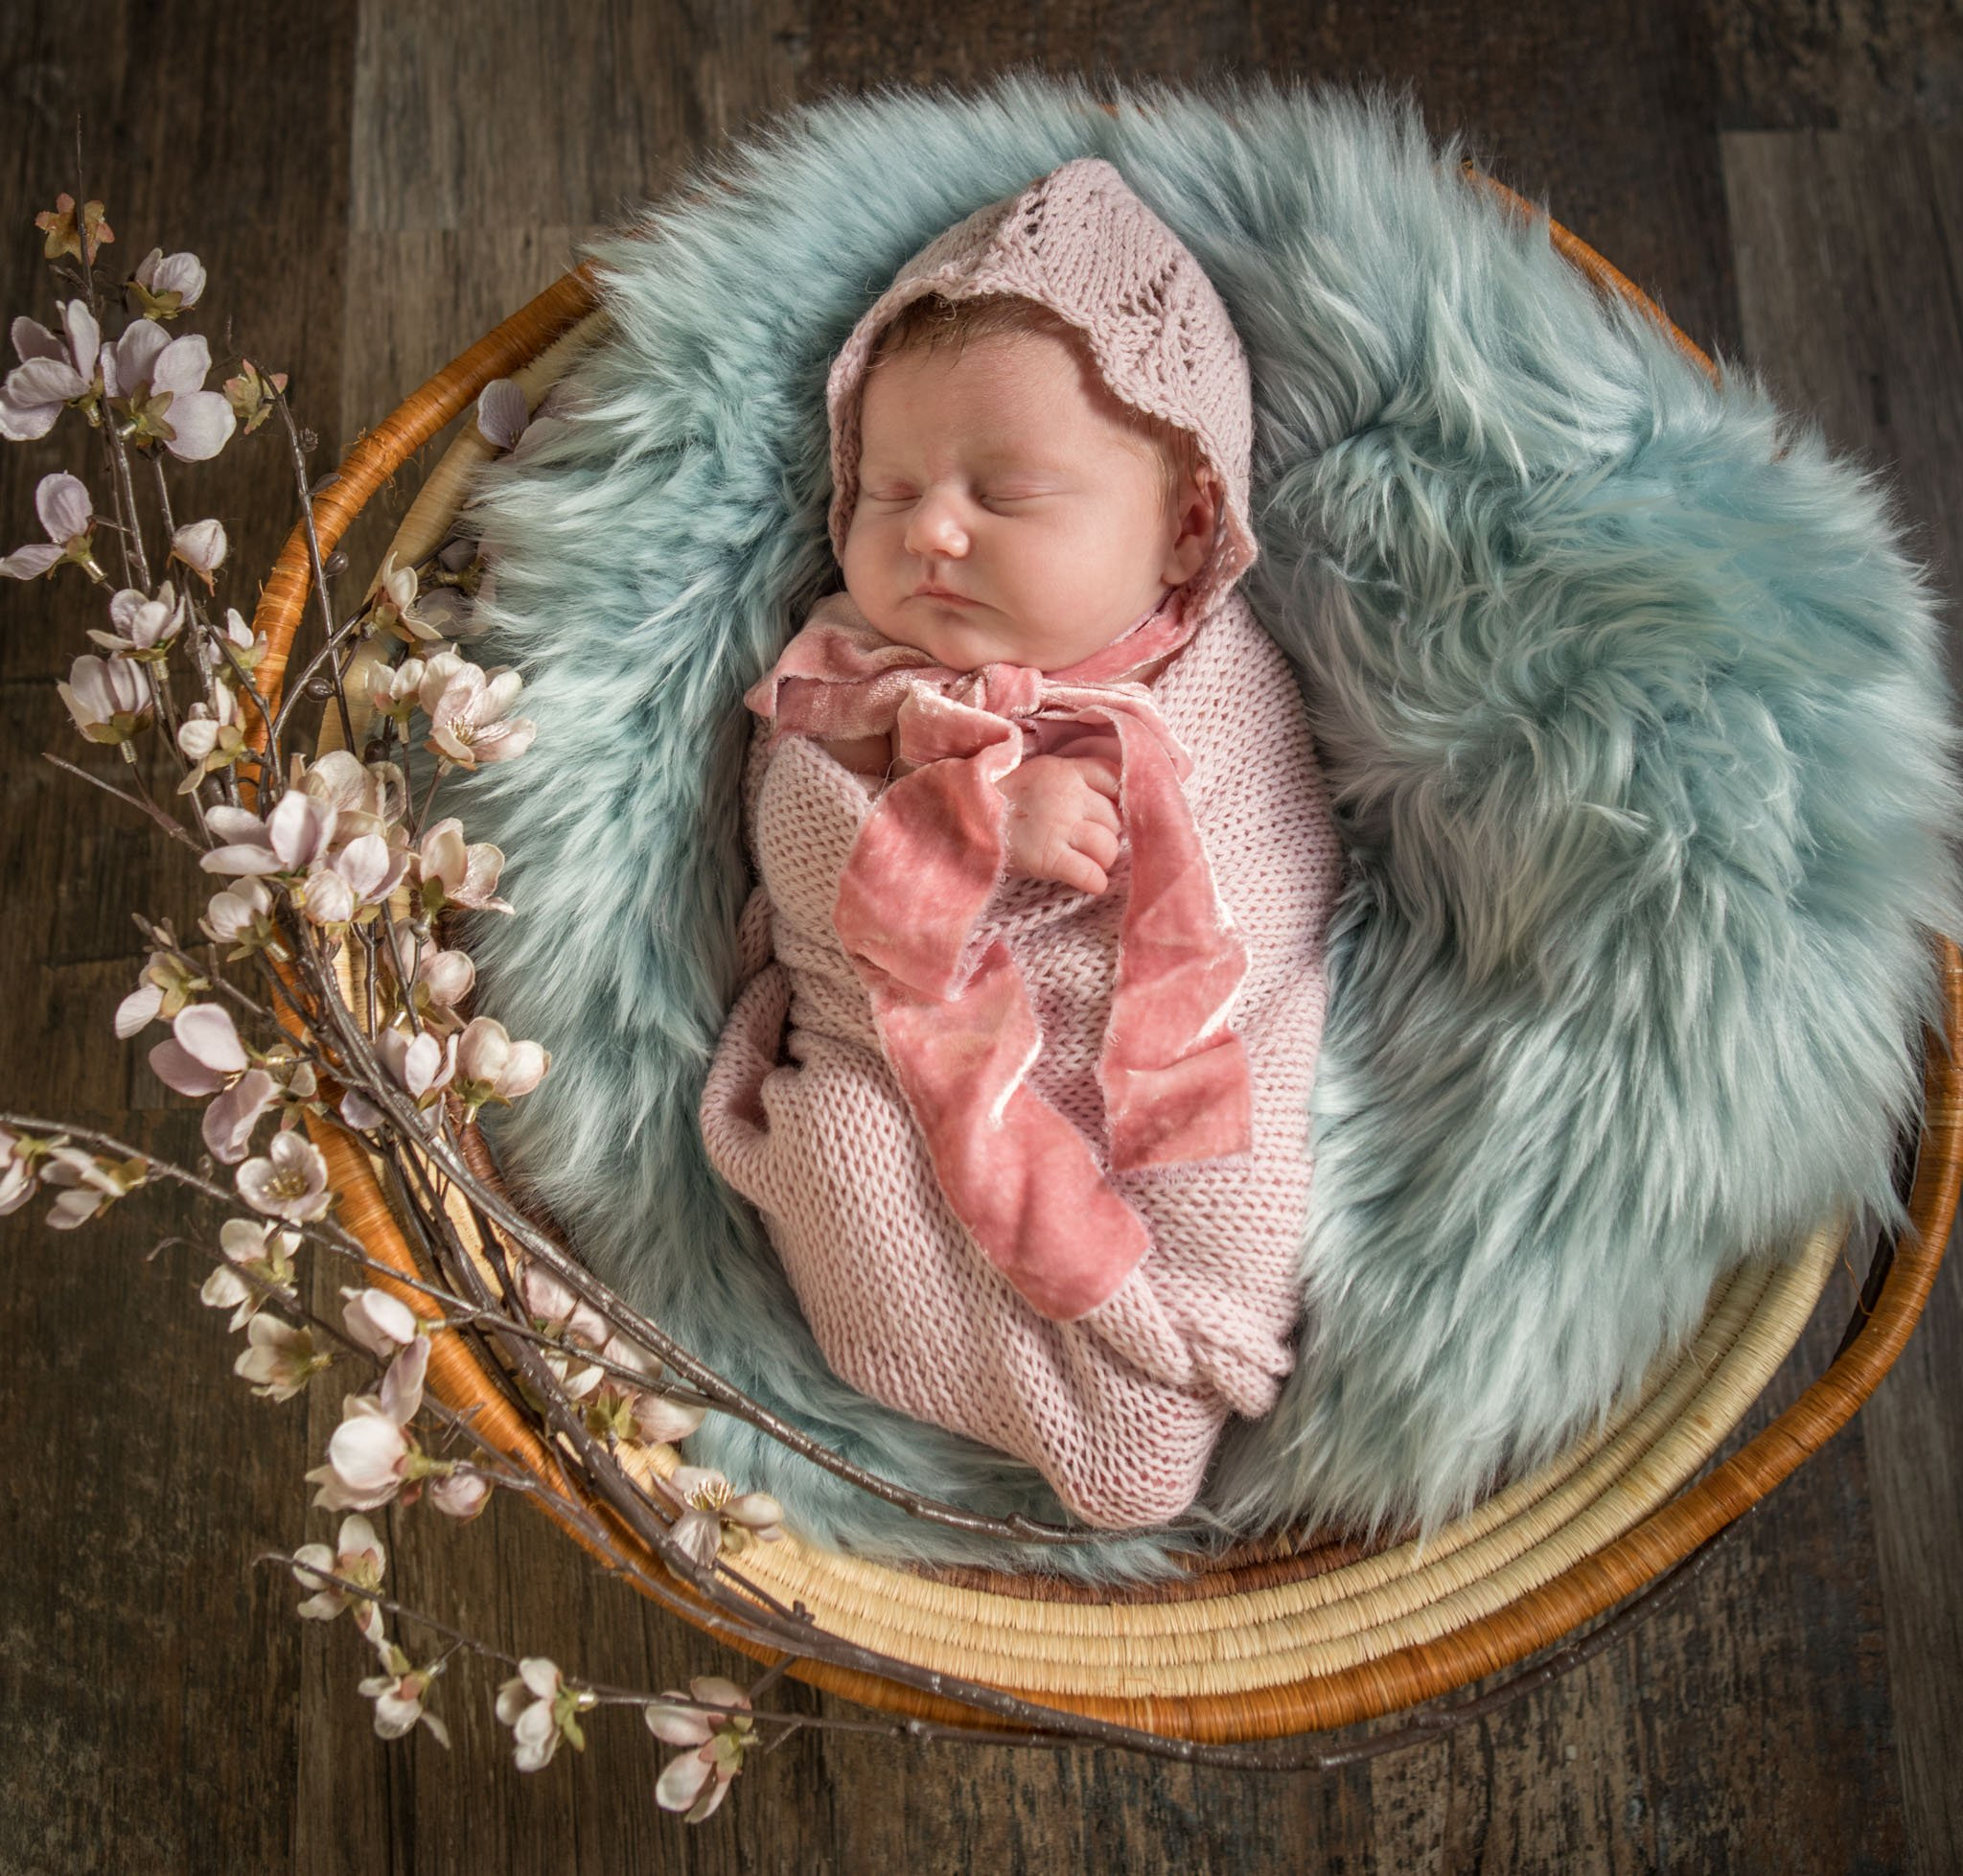 Newborn Photography, Tania Miller Photography, Cwmbran Newborn Photographer